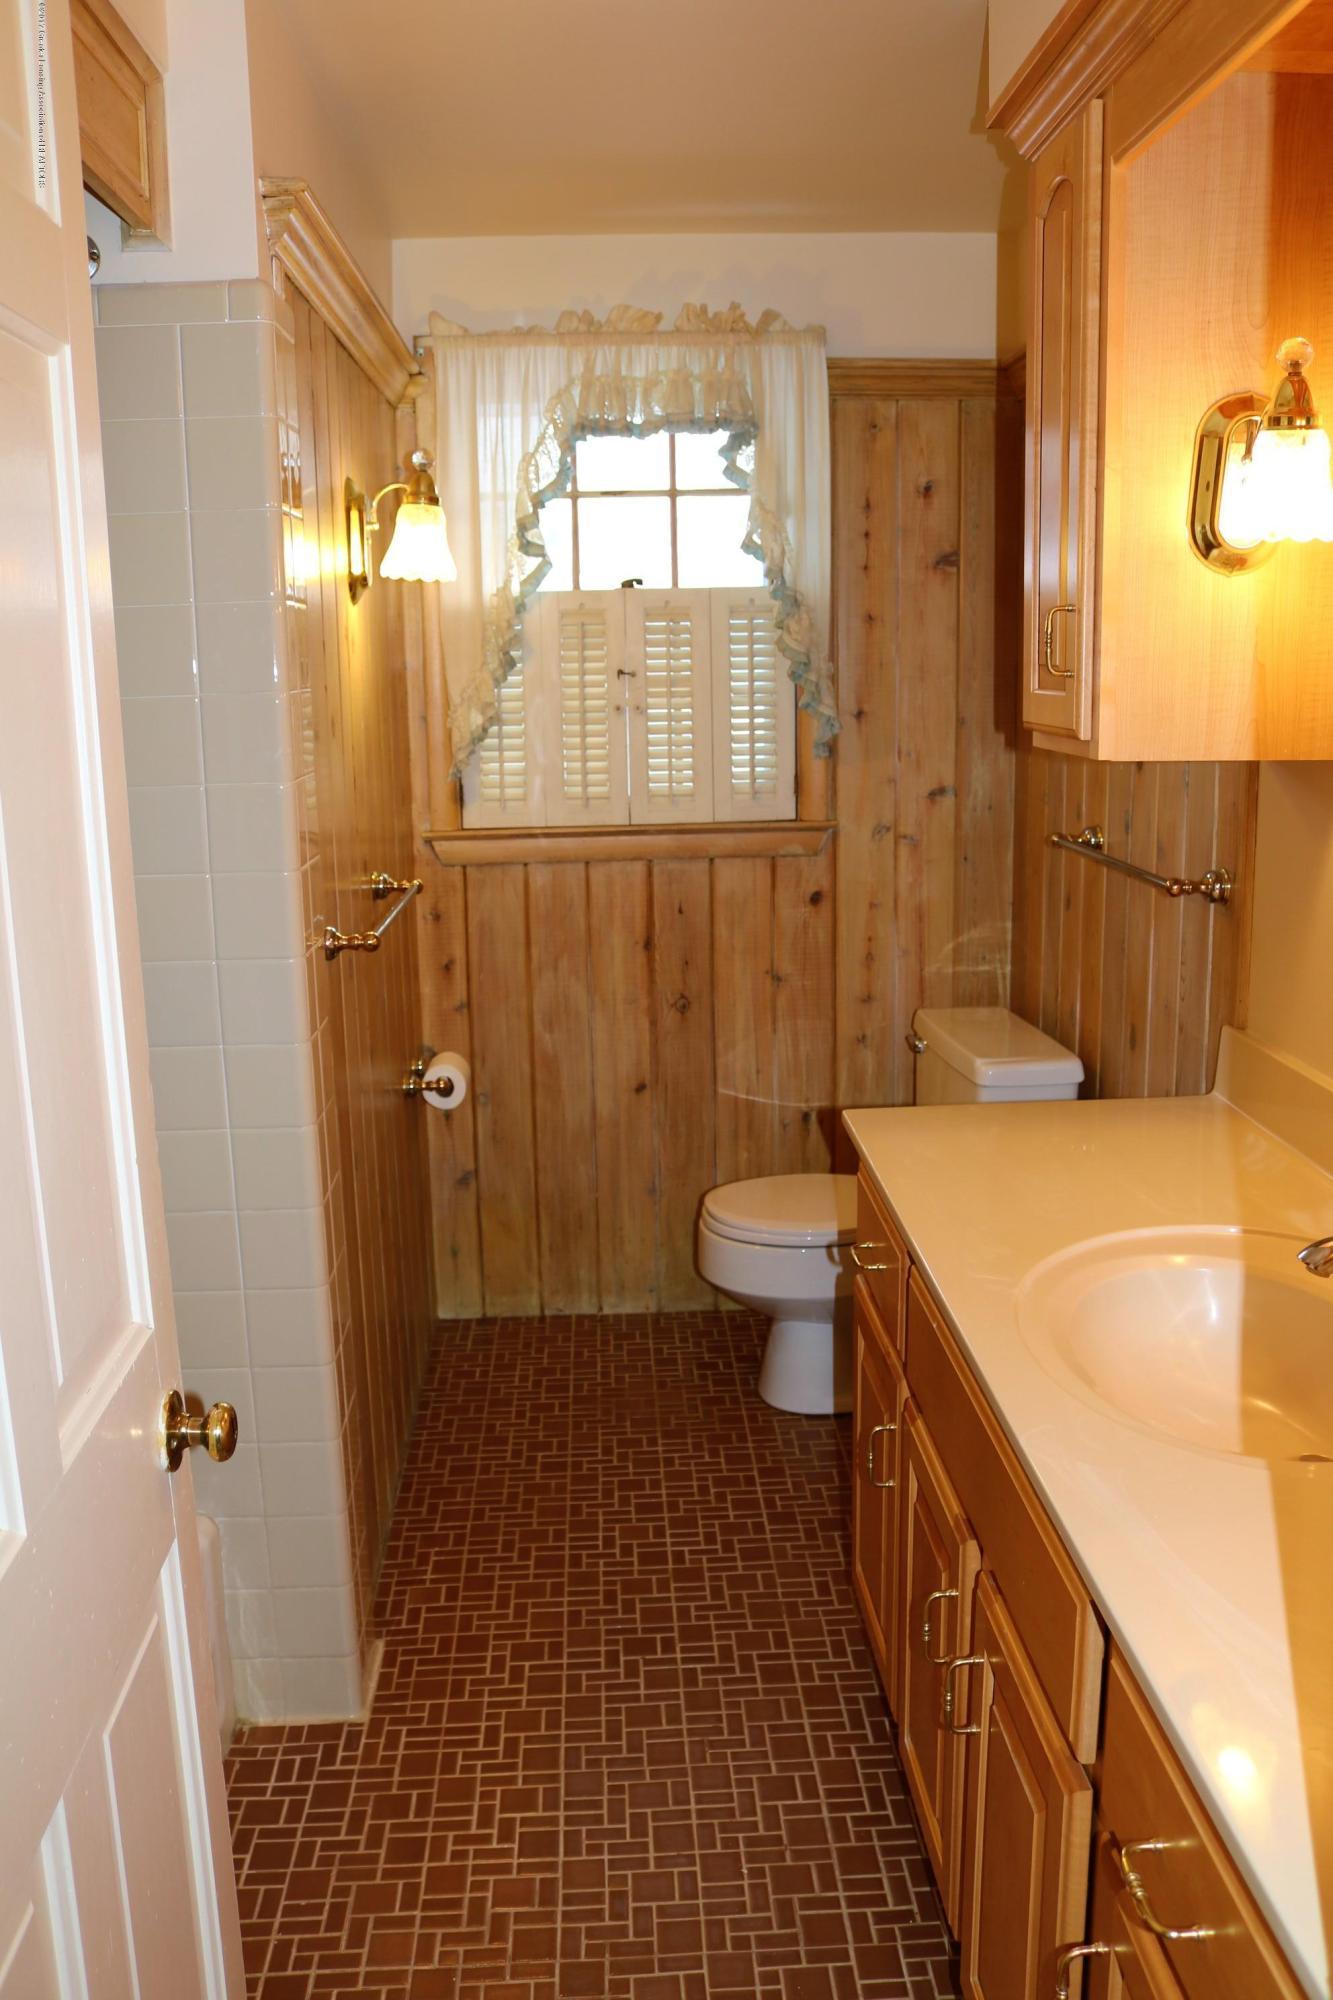 4014 Marmoor Dr - Bathroom - 16